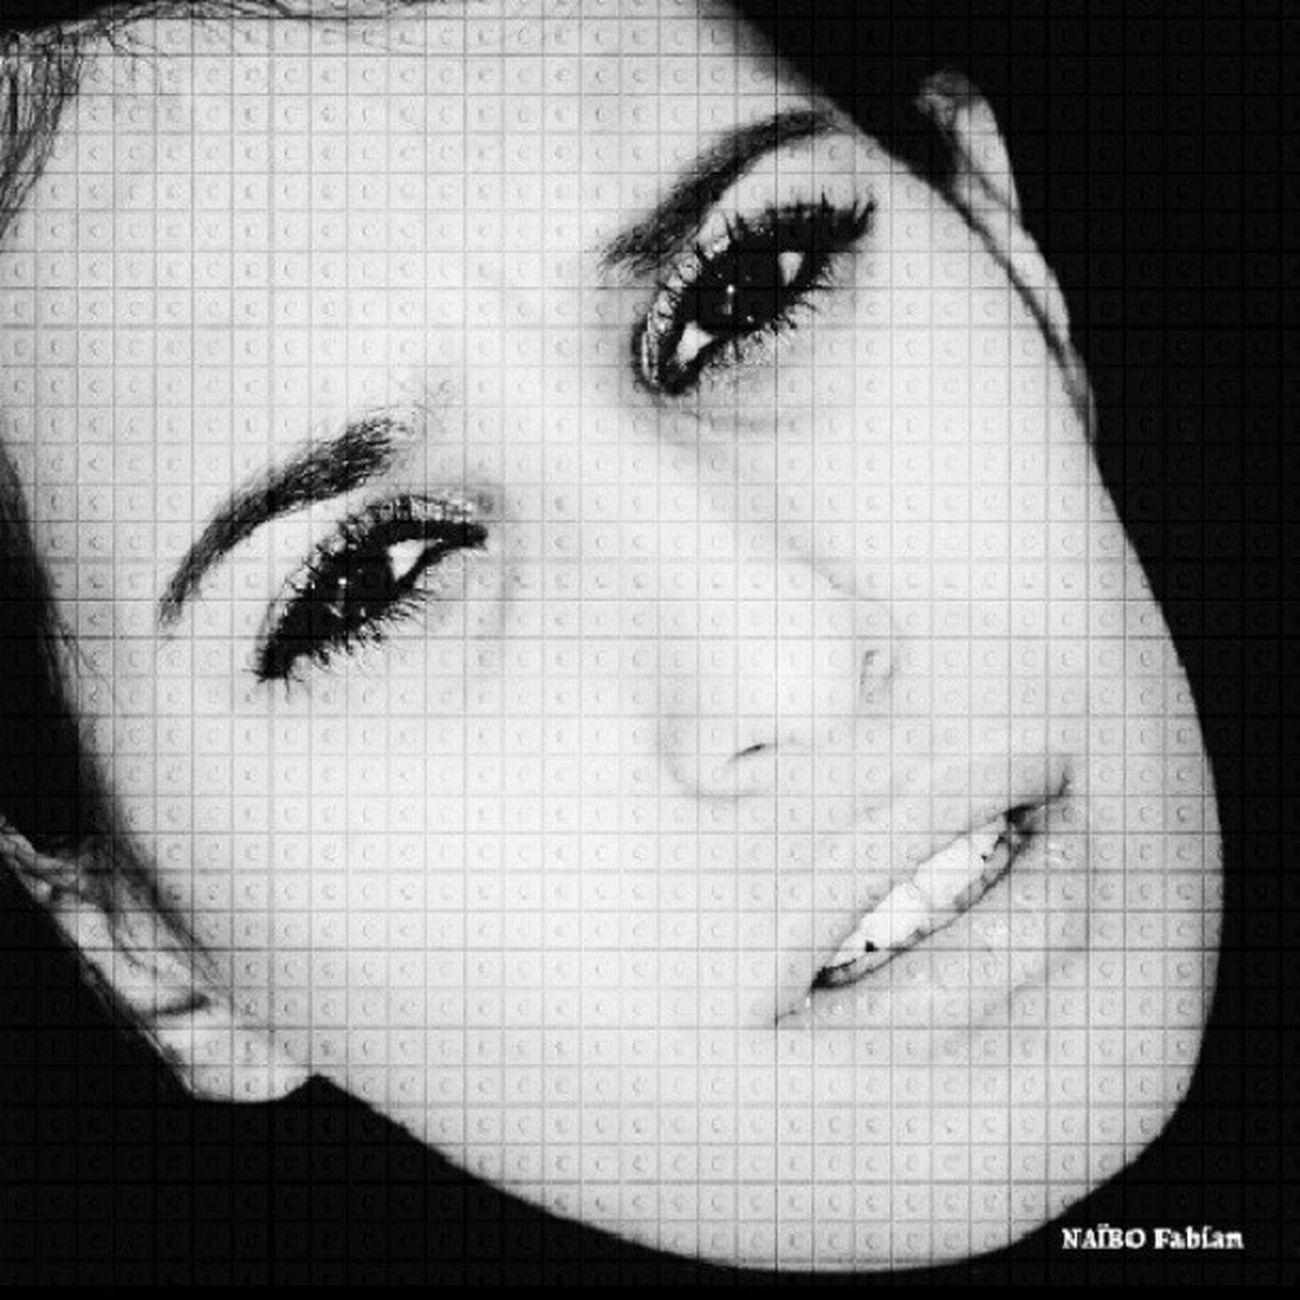 Woman Femme Fatale Beauté noir blanc noiretblanc sfx_excellence sfx_members yeux